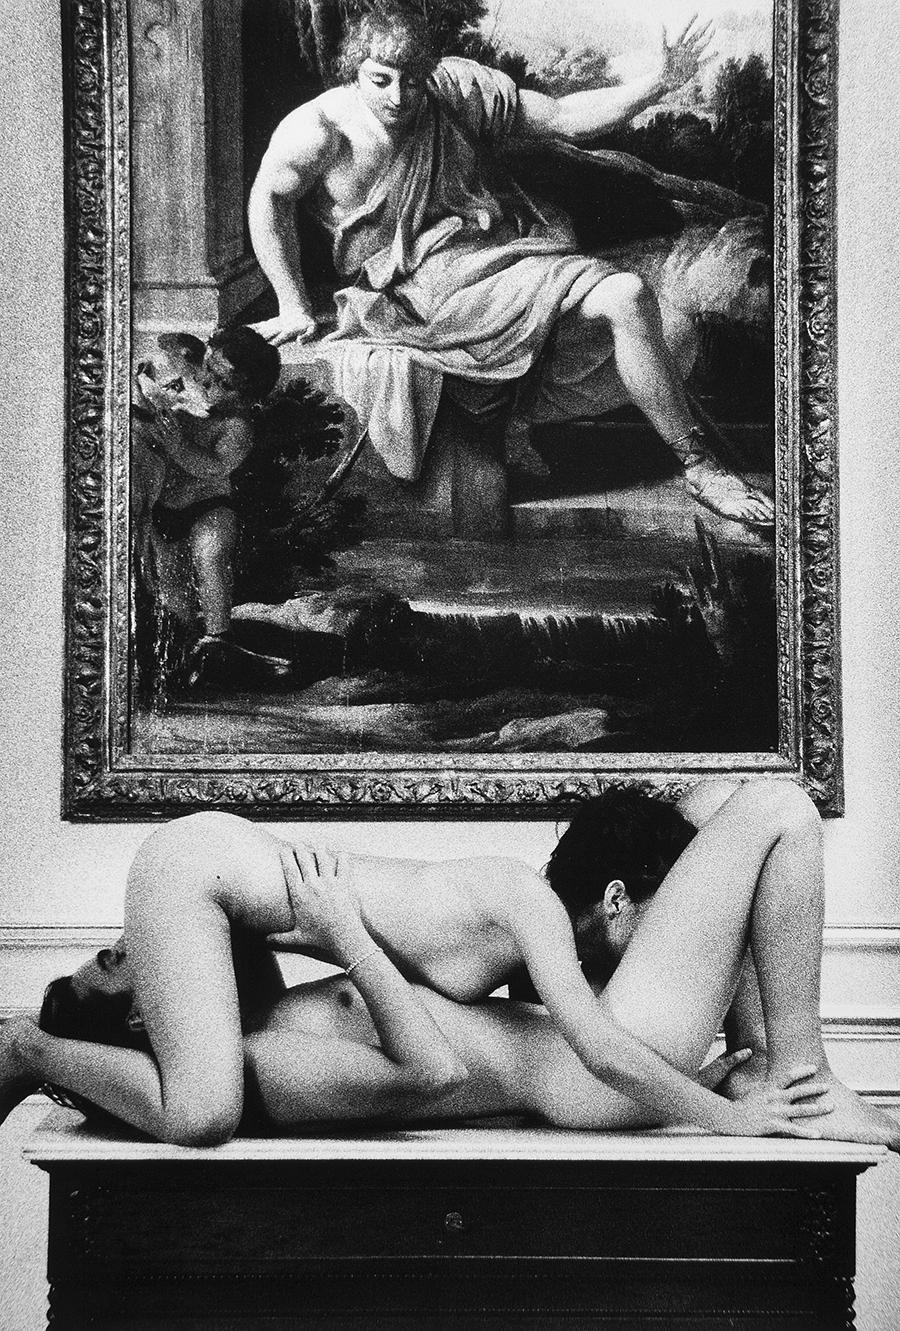 Tony_Ward_erotica_gym_flirt_sex_hetero_love_oral_69